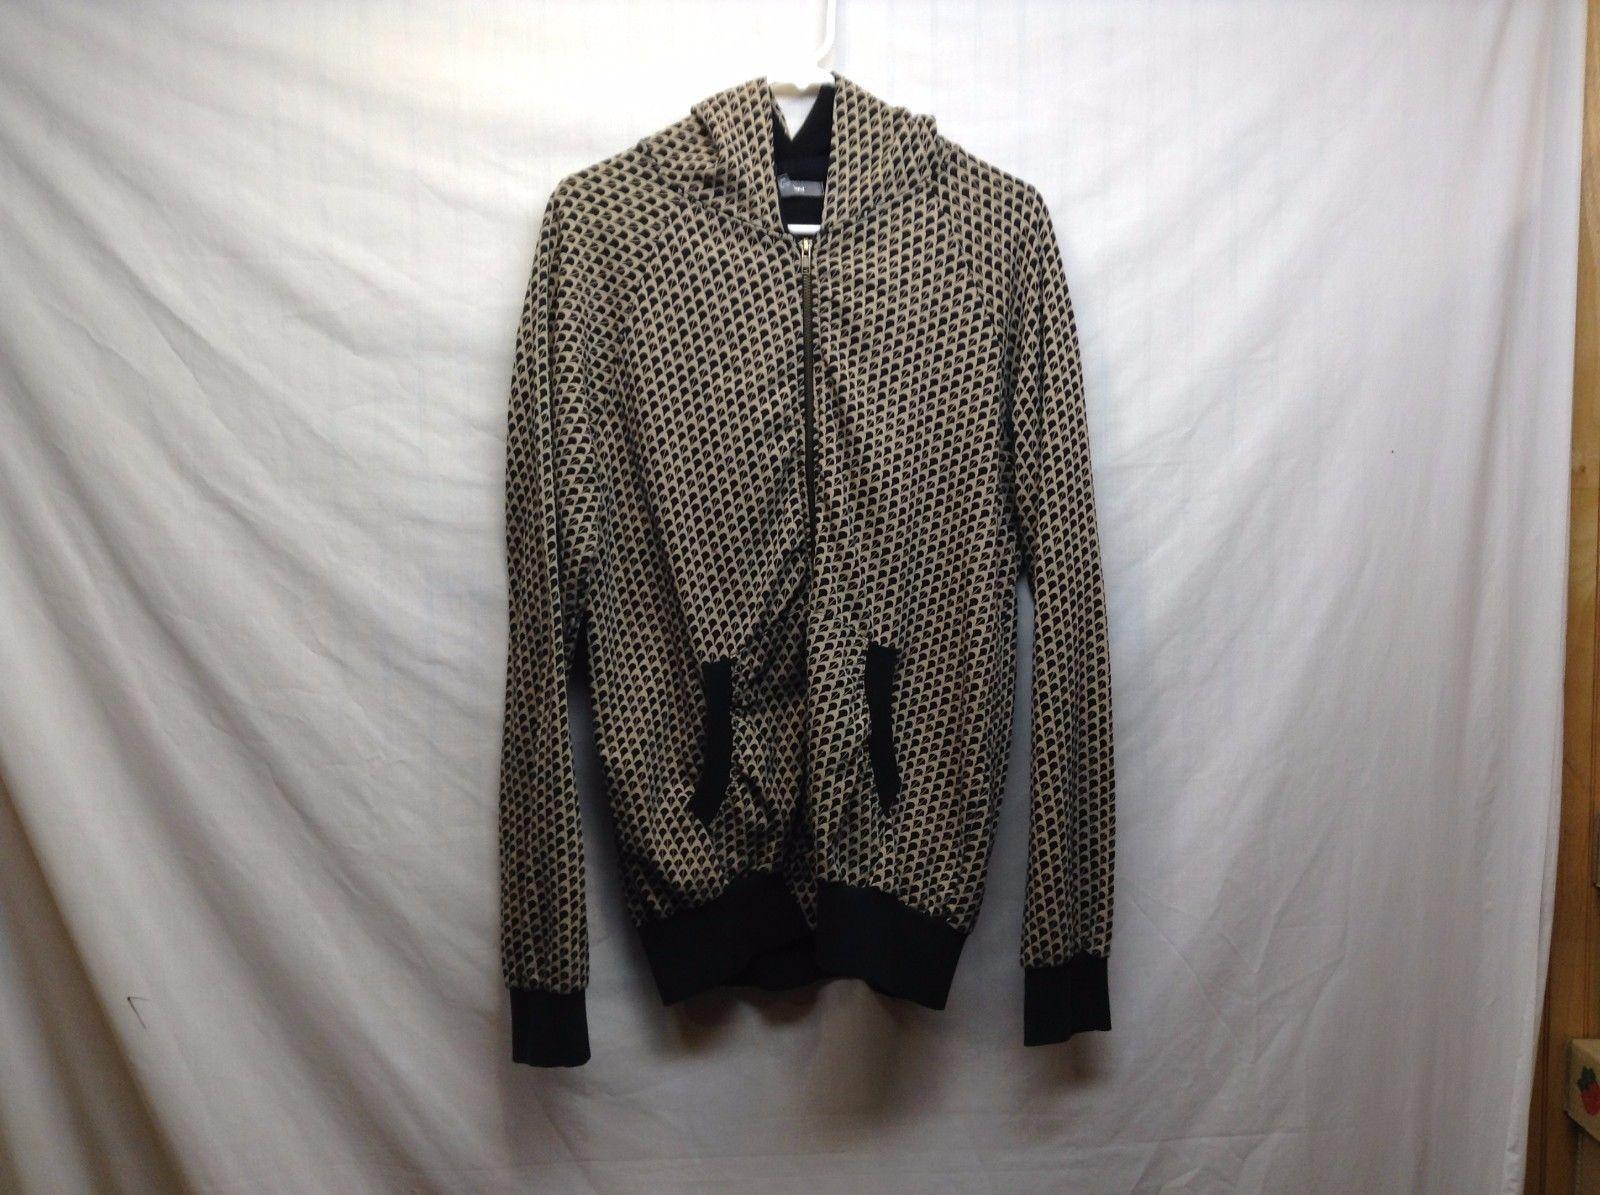 Heritage 1981 Hooded Zippered Beige/Black Sweatshirt/Hoodie Sz LG